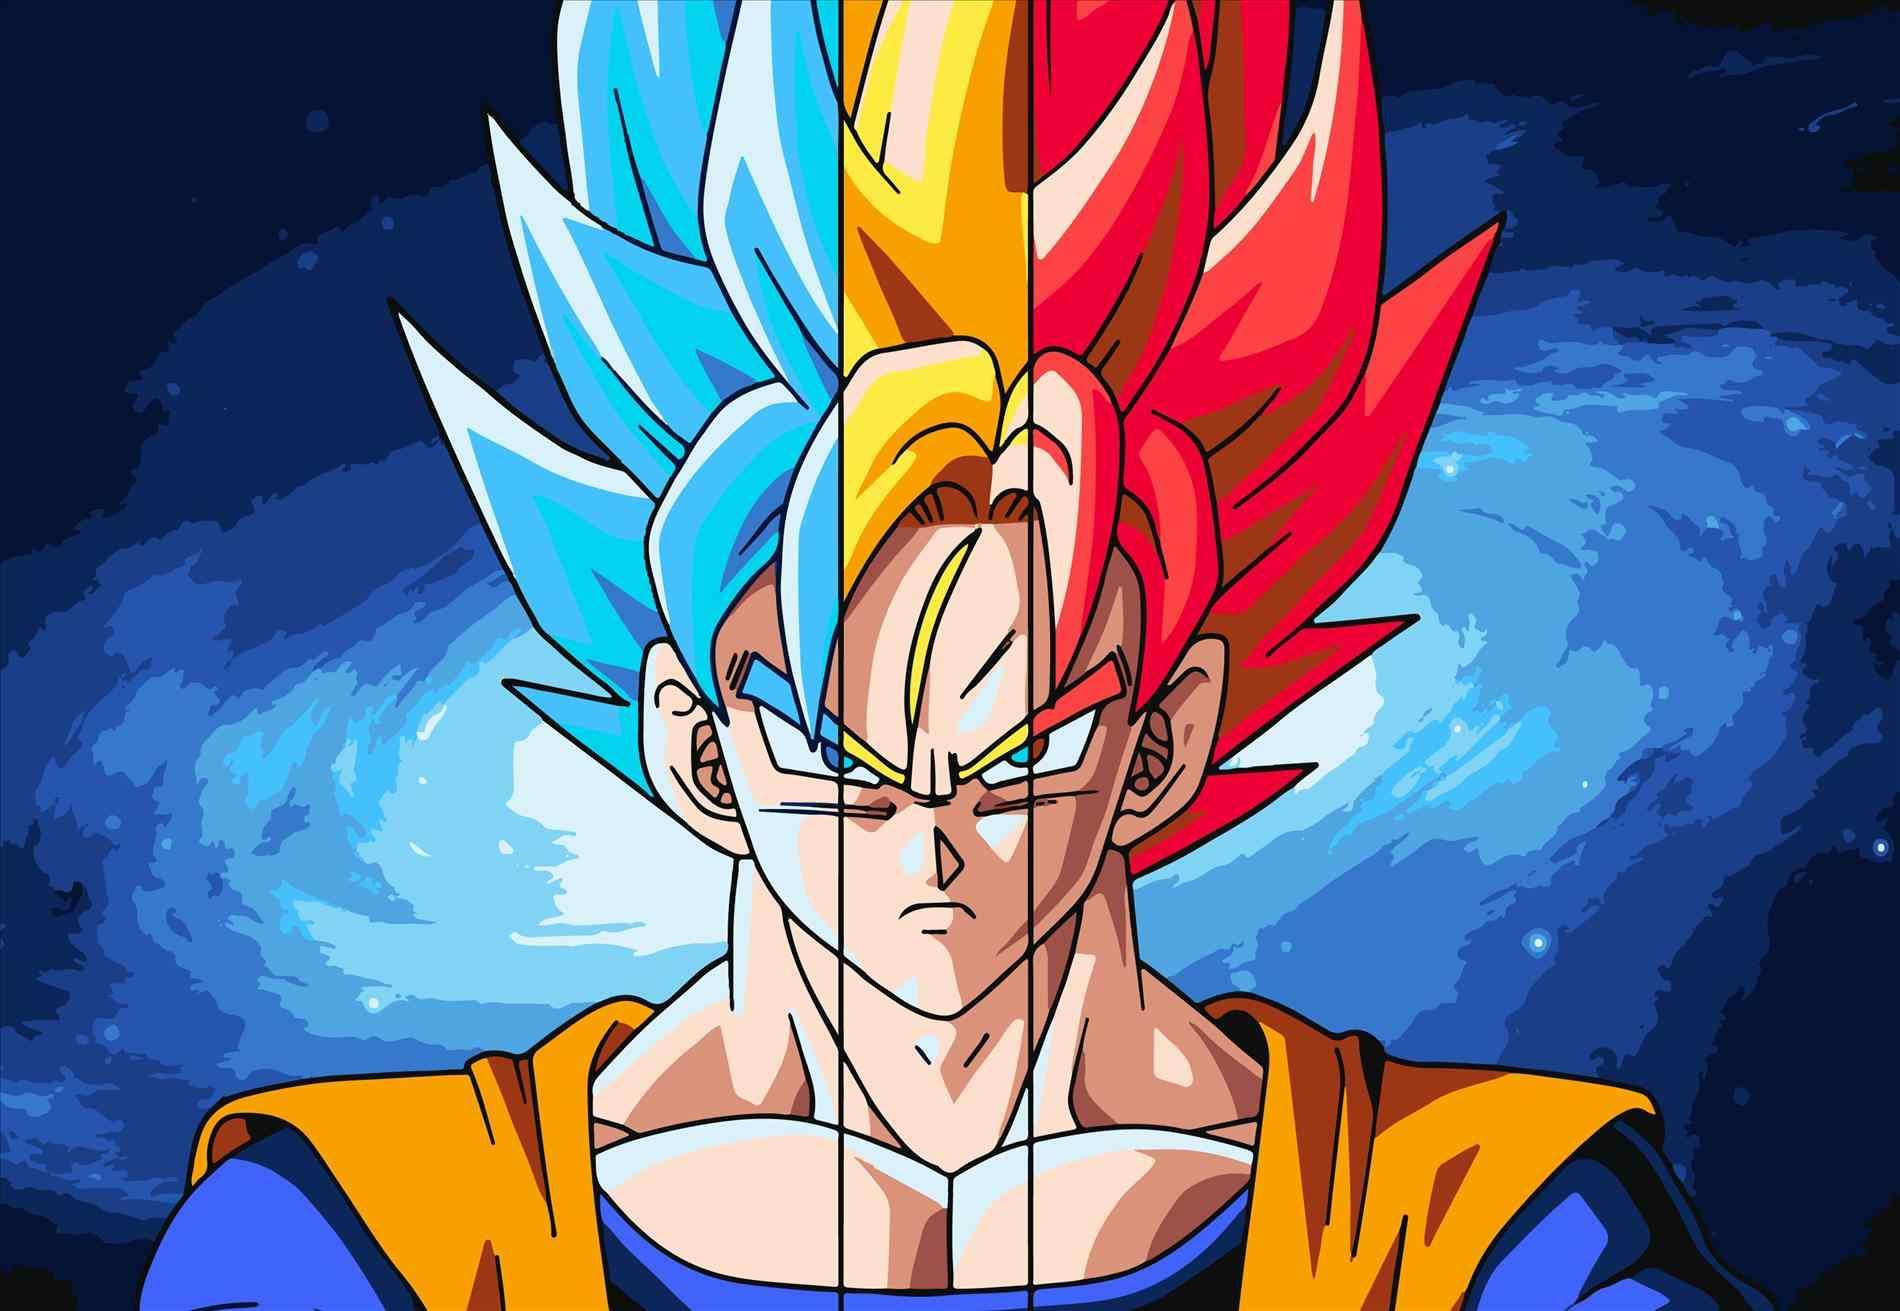 Krillin Wallpaper Goku Super Saiyan Hd 1545304 Hd